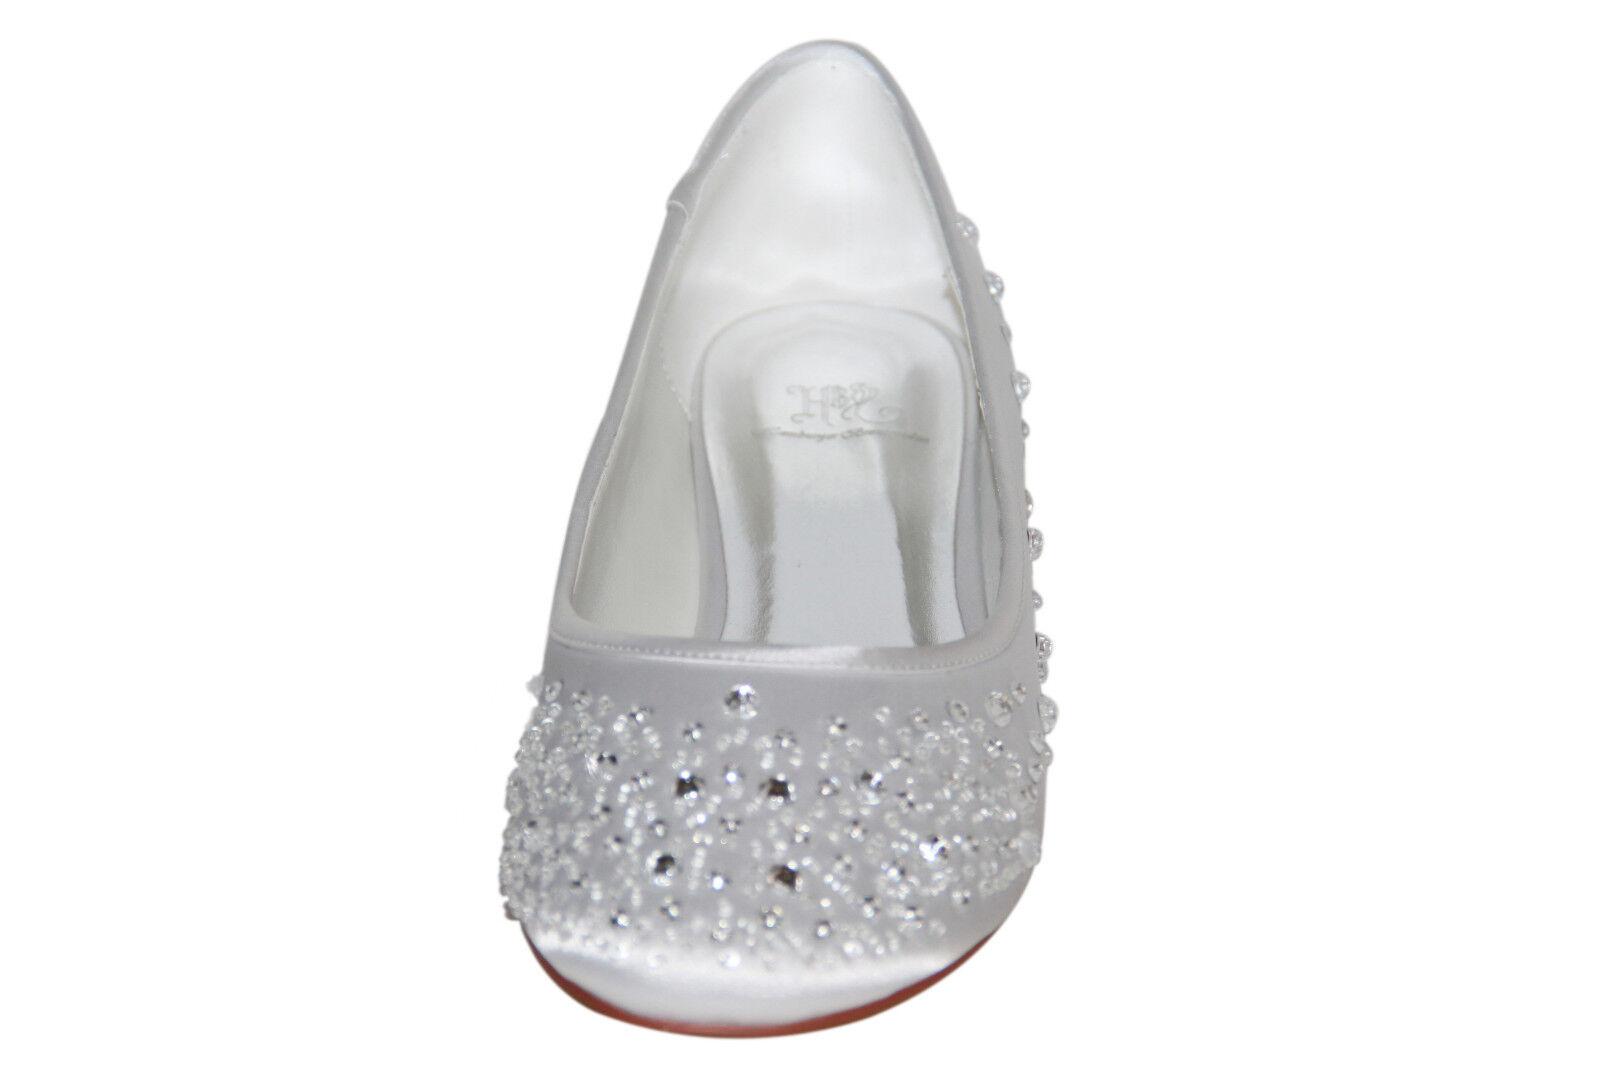 Hbh Piatta Ballerine Scarpe Da Sposa, Raso, Con Strass 1cm, Decorato